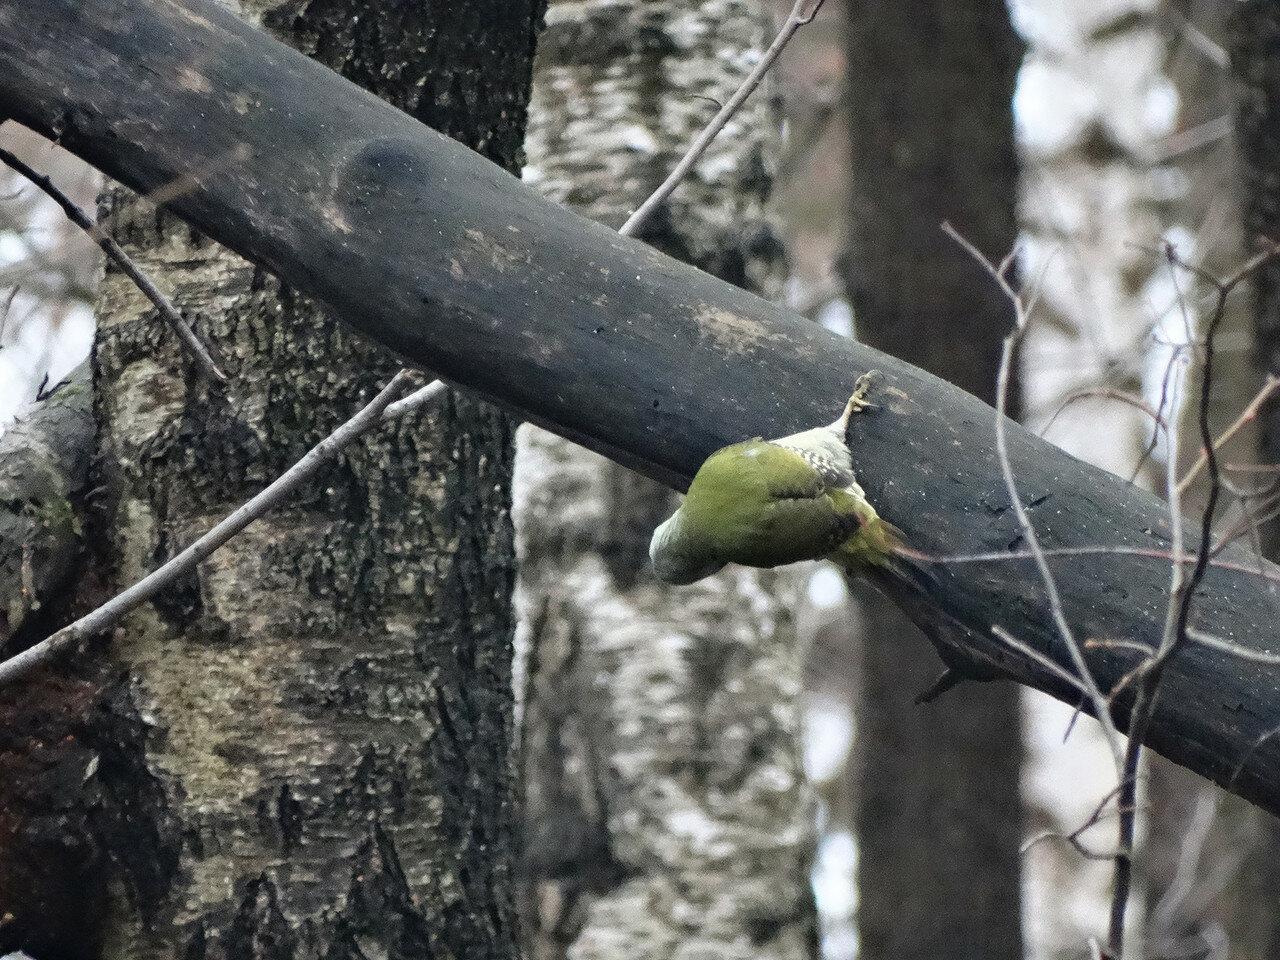 Седой дятел (Picus canus). Автор фото: Привалова Марина